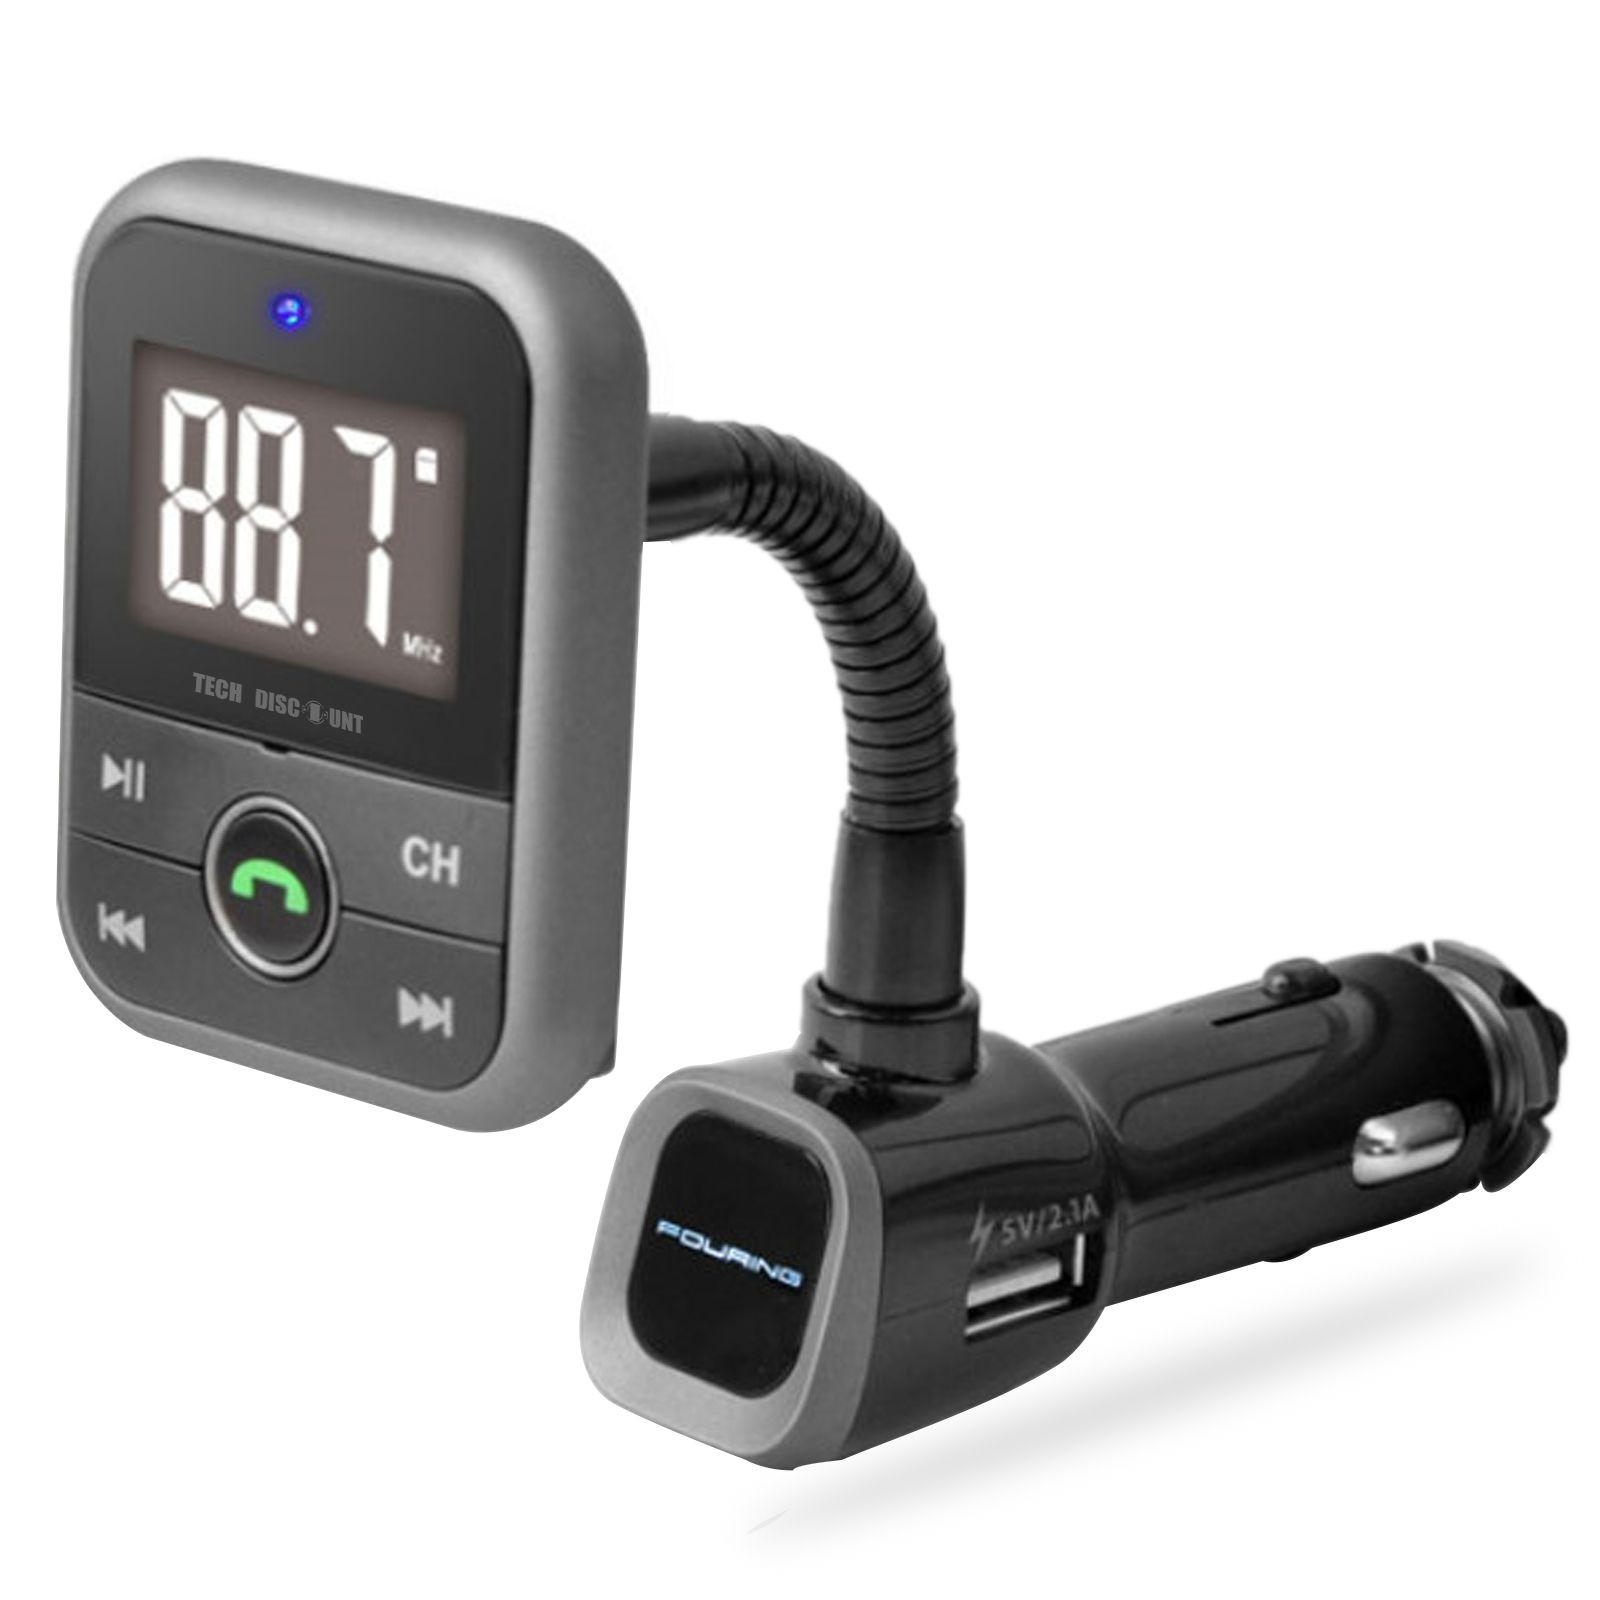 transmetteur fm bluetooth voiture allume cigare port usb écran led fonction réception sécurisée d'appels sans fil recharge téléphone